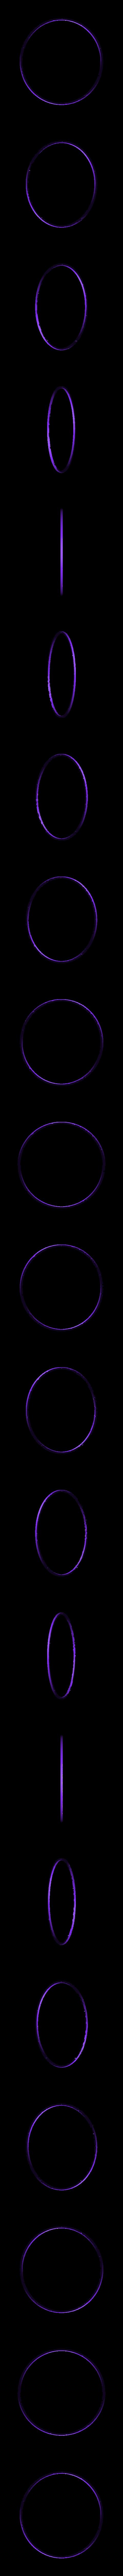 HCircle.stl Télécharger fichier STL gratuit Thunder Helm - Zelda Breath of The Wild • Plan pour imprimante 3D, Adafruit